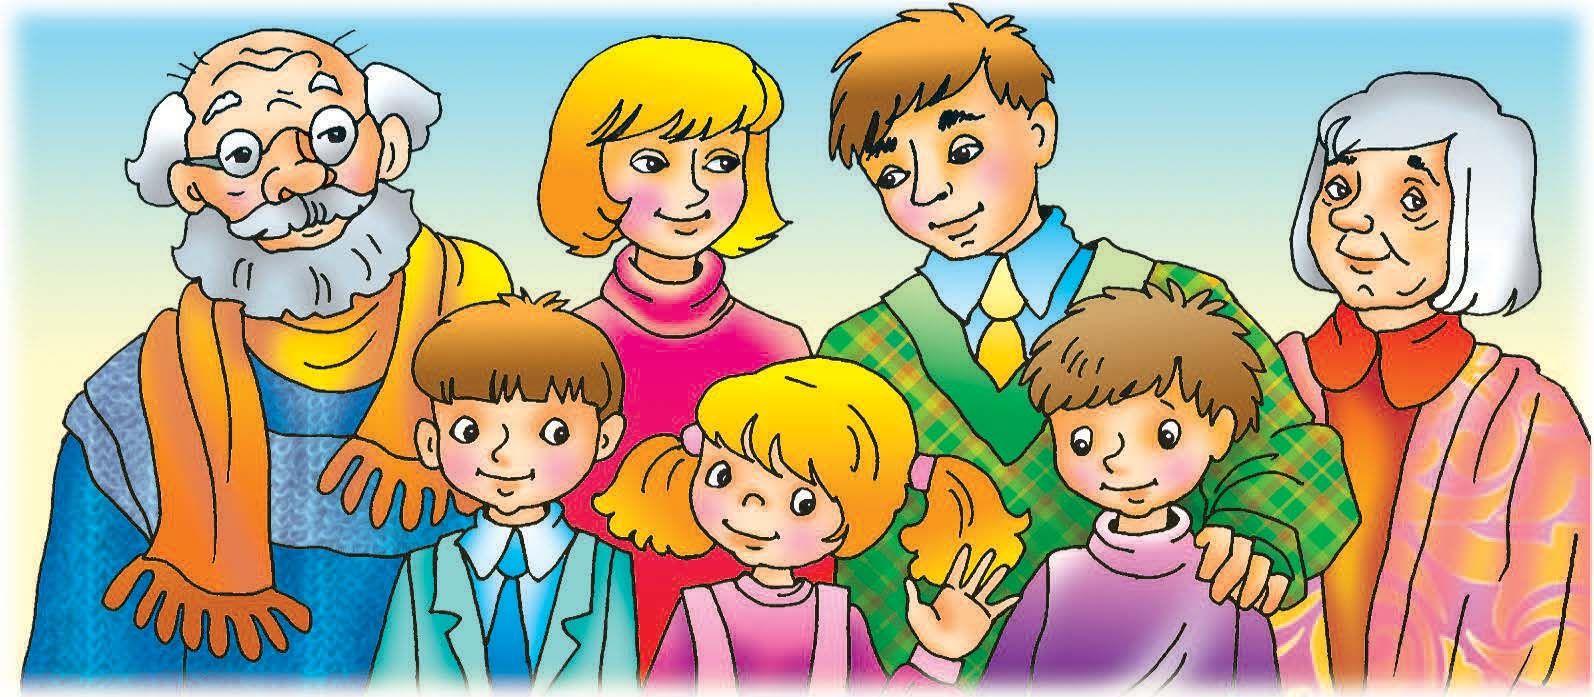 Про умерших, картинки взрослые и дети вместе рисованные